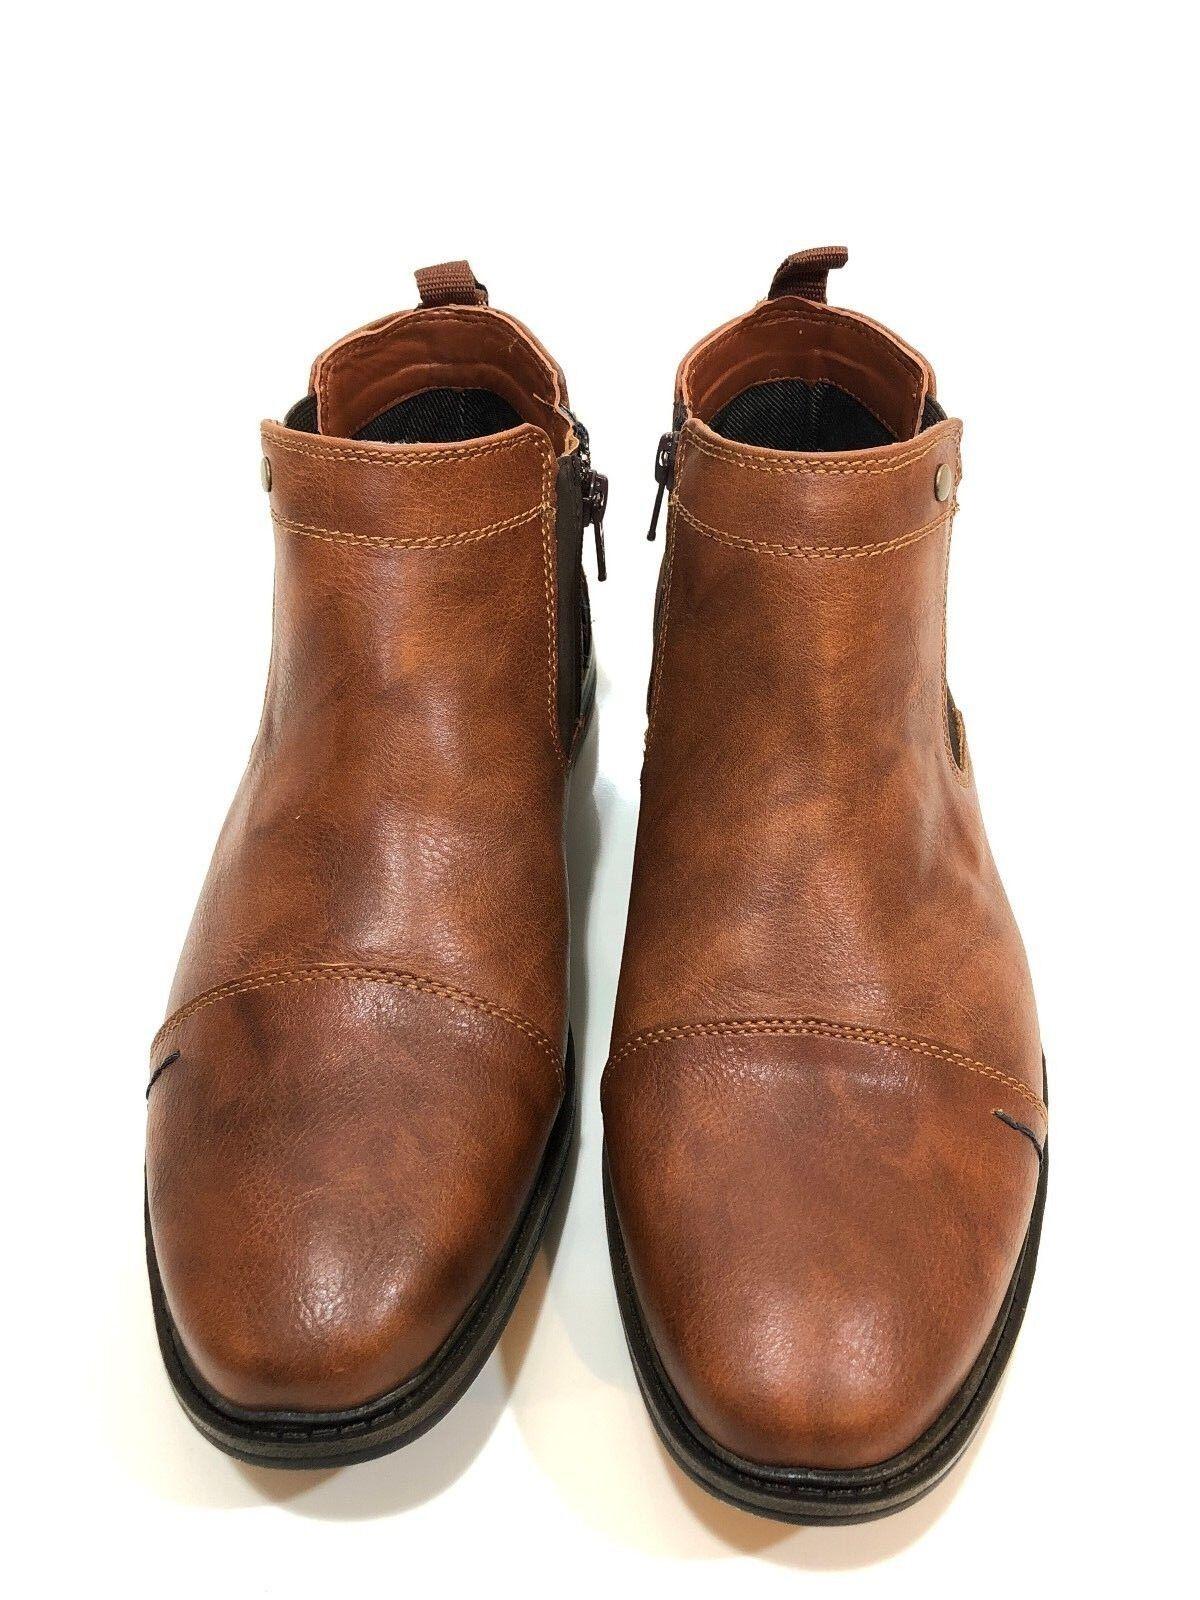 Sonoma waren für größe leben ensemble männer chelsea vegan stiefel größe für 11 m 2732d6